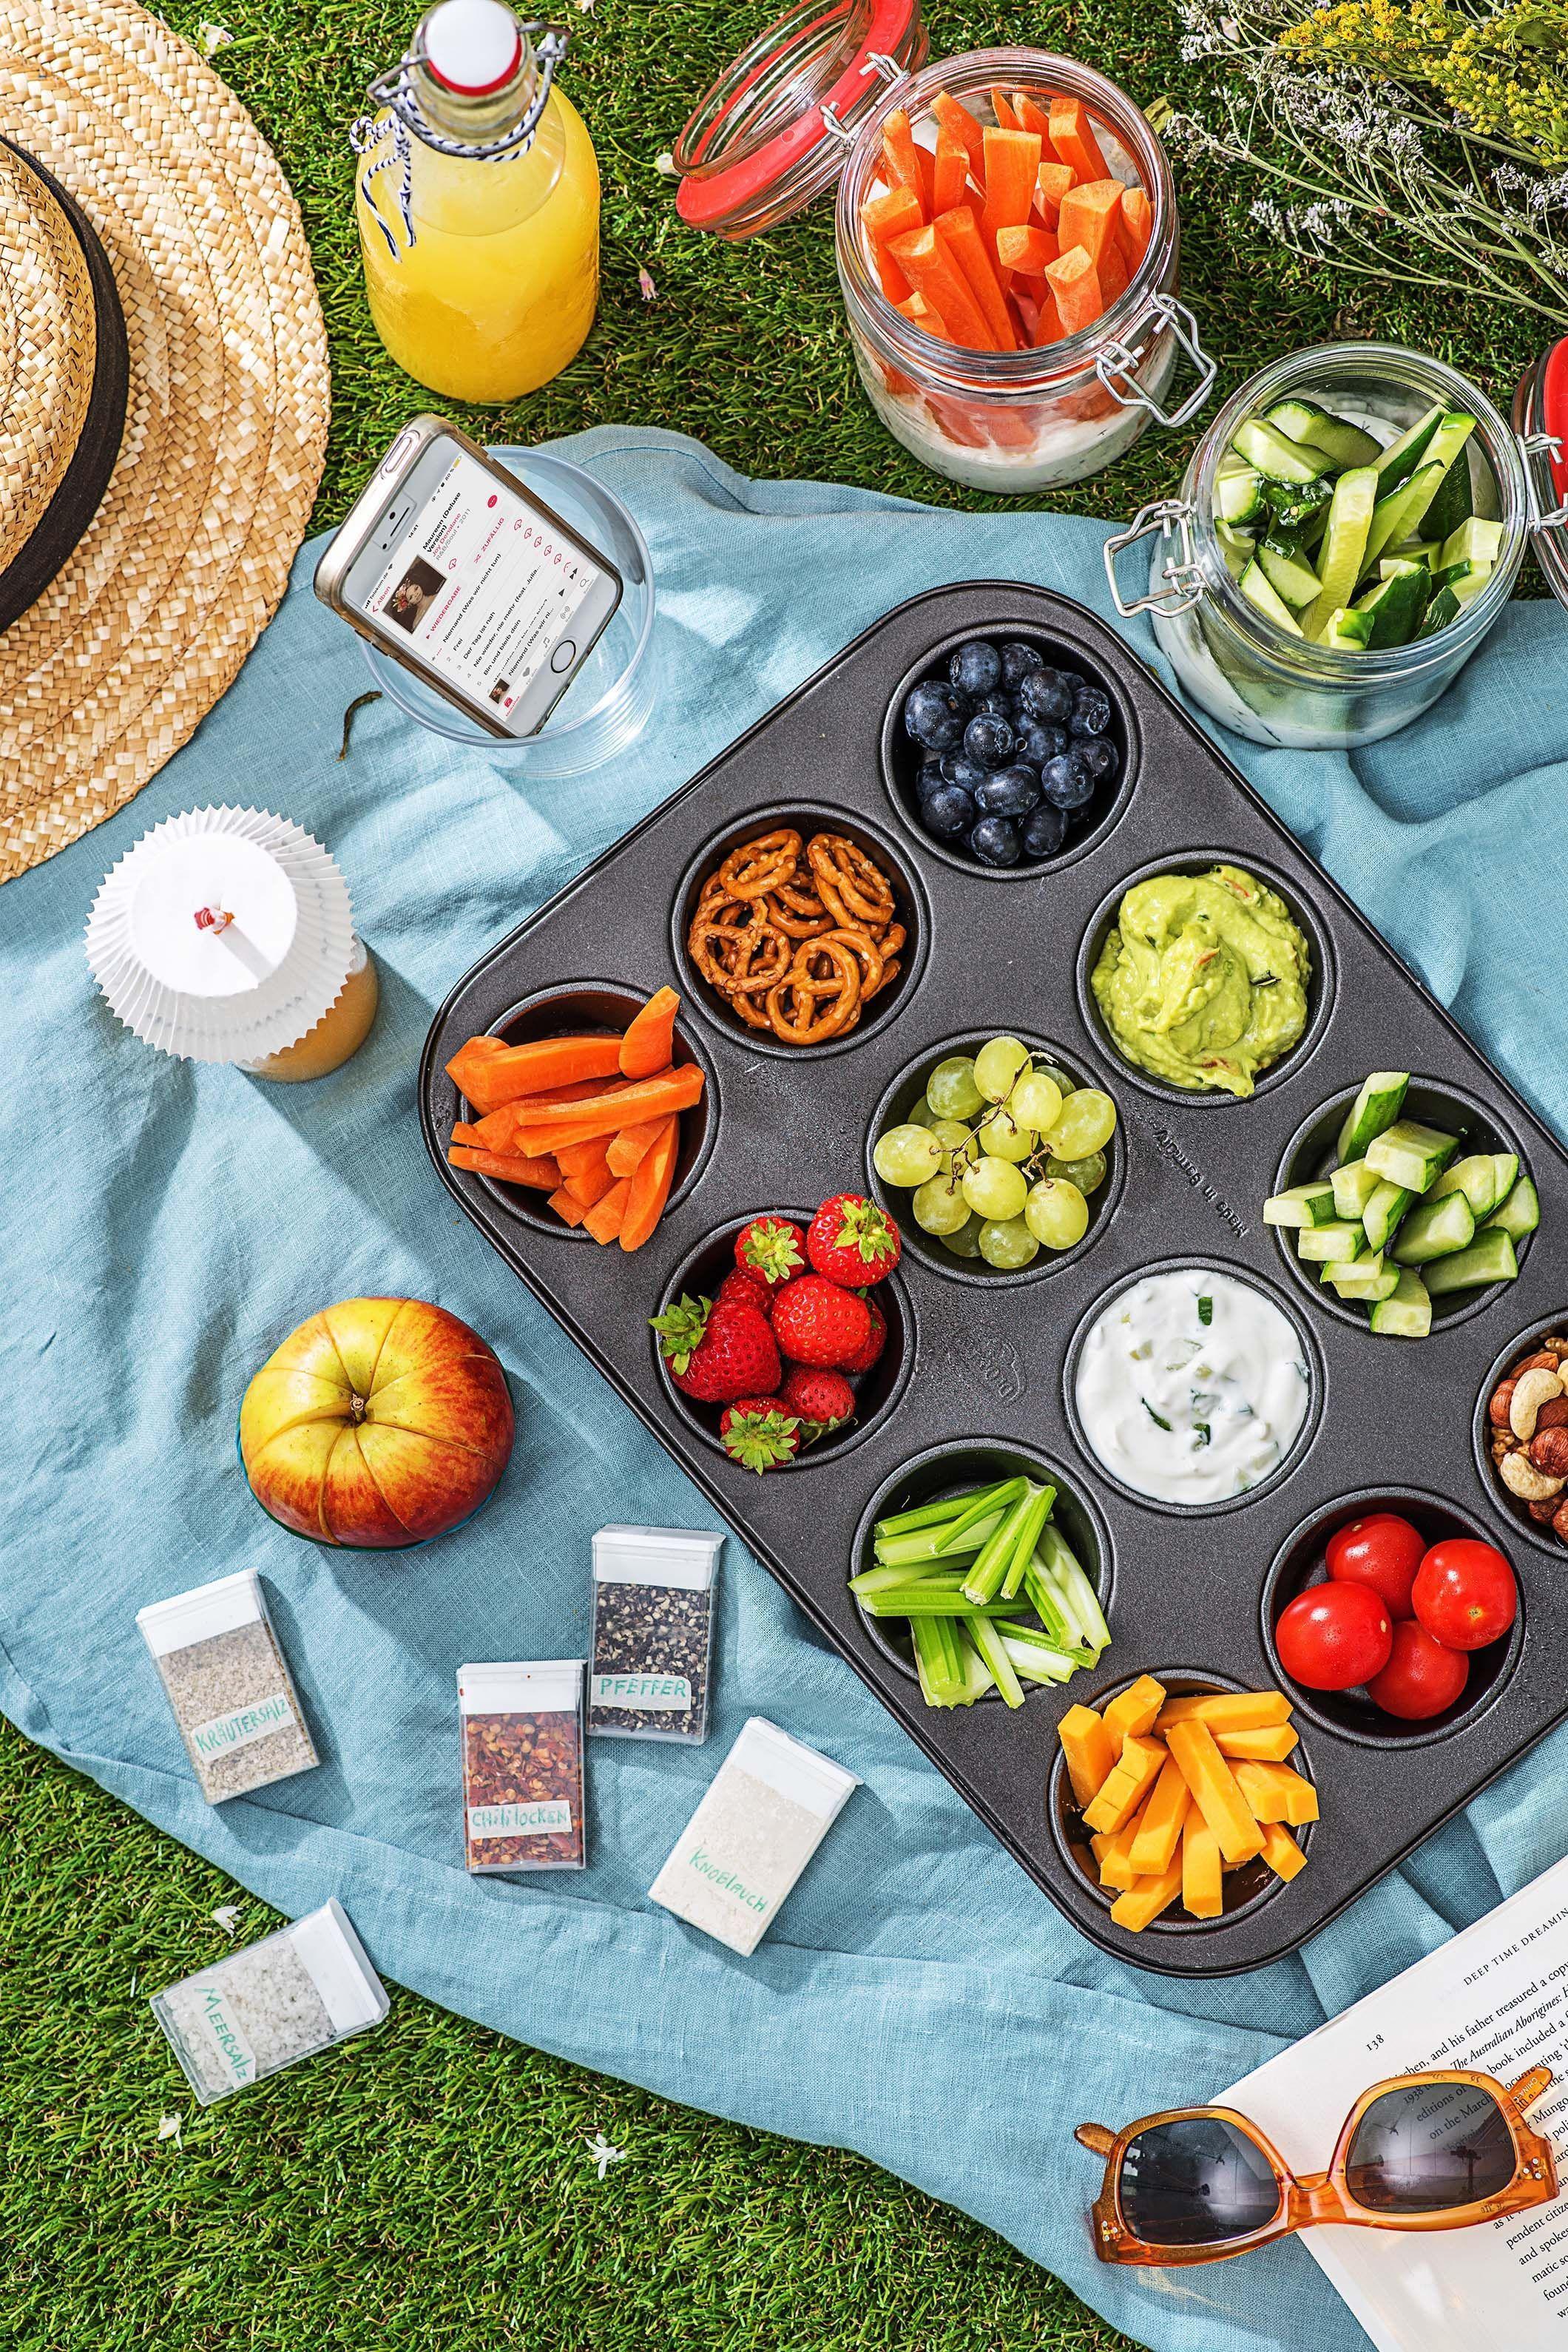 picknickhacks picknickideen hellofreshde ernährung picknicken ...